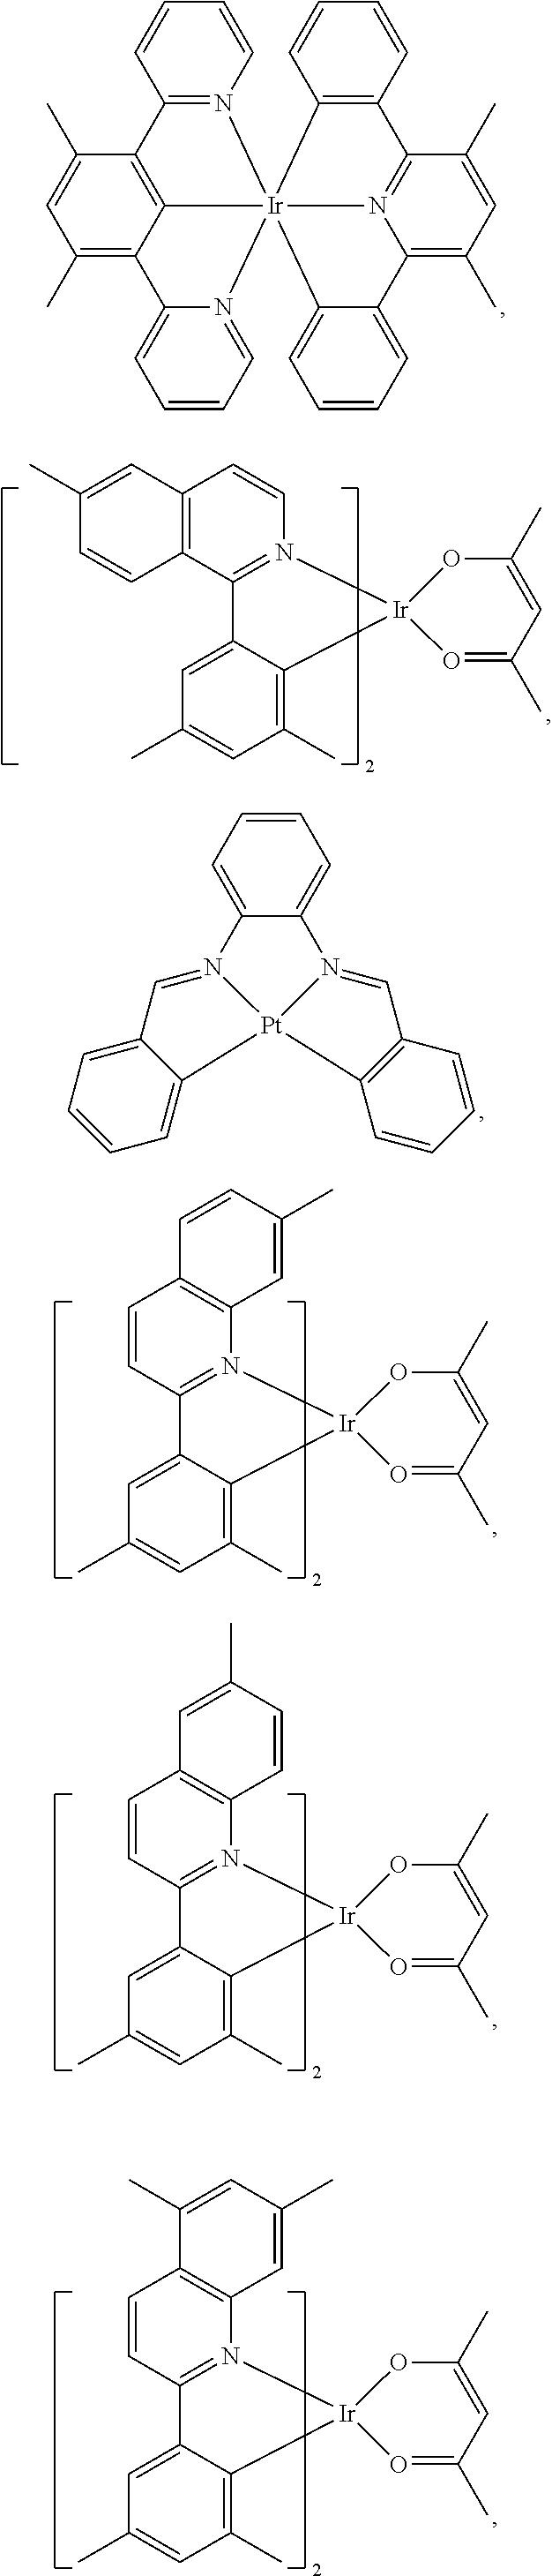 Figure US09929360-20180327-C00171